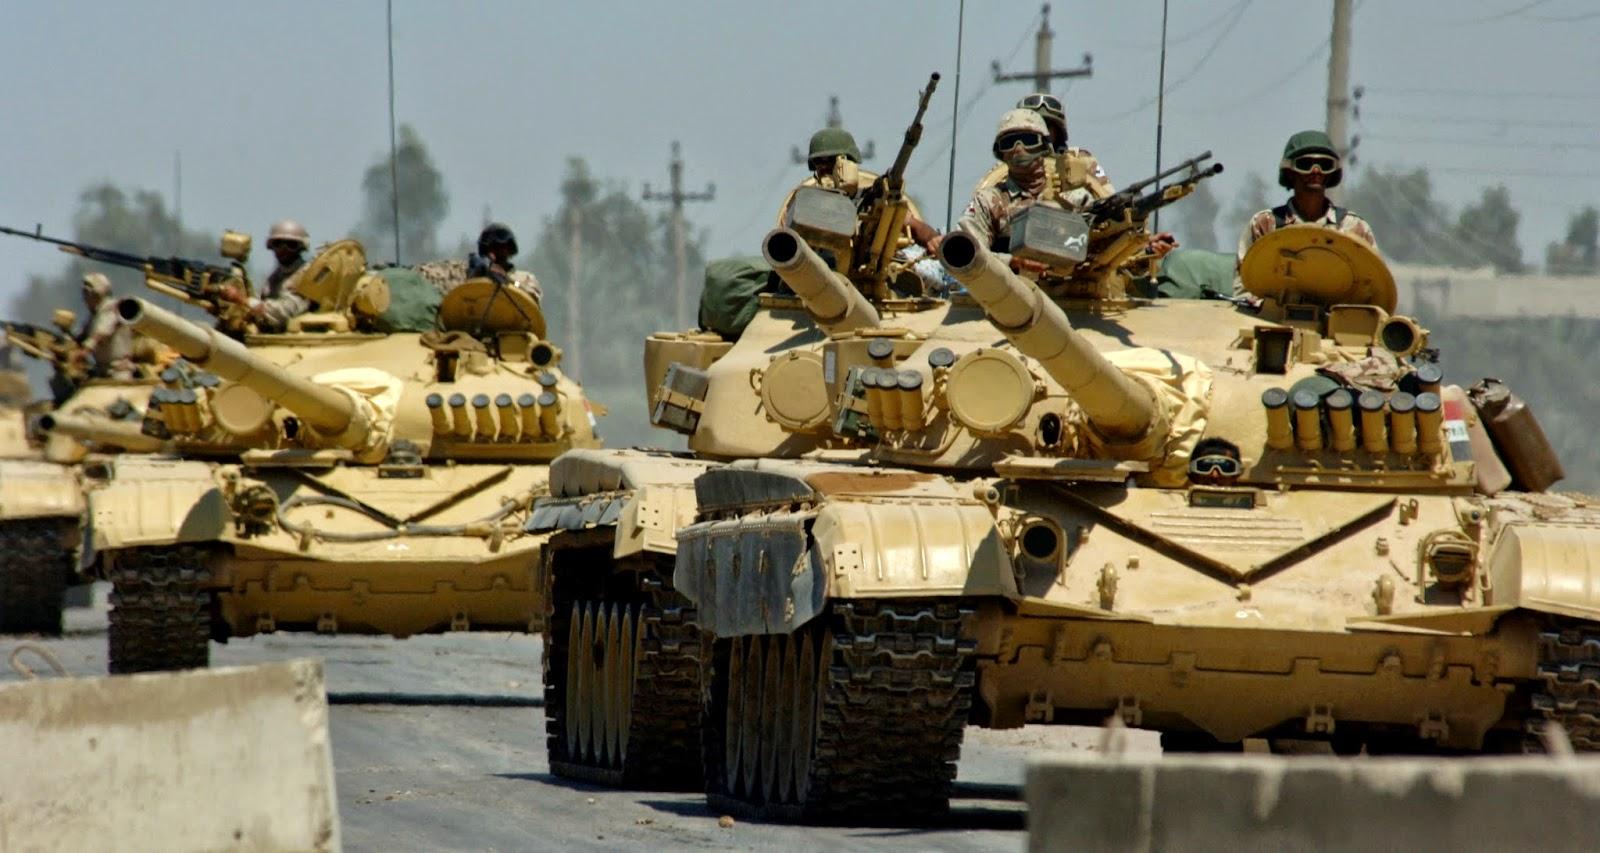 """Силы западной коалиции разбомбили склад наличности """"Халифата"""" в иракском Мосуле"""